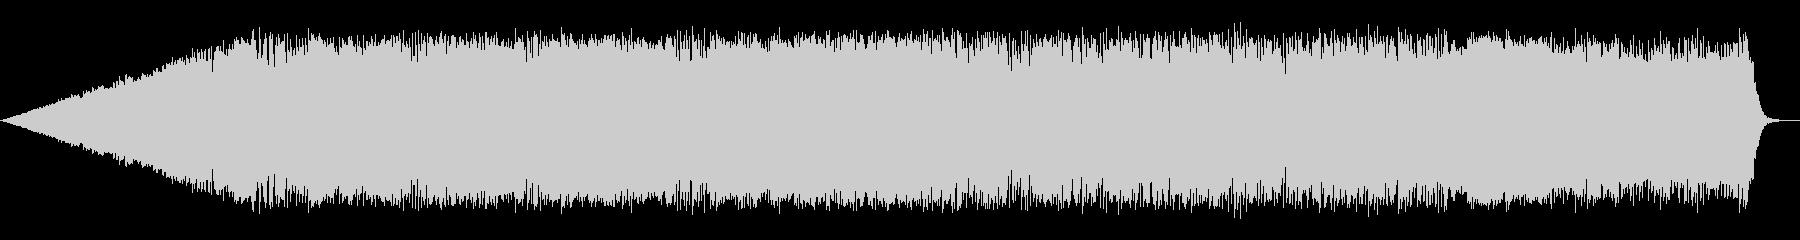 ニューエイジとU2の間。の未再生の波形